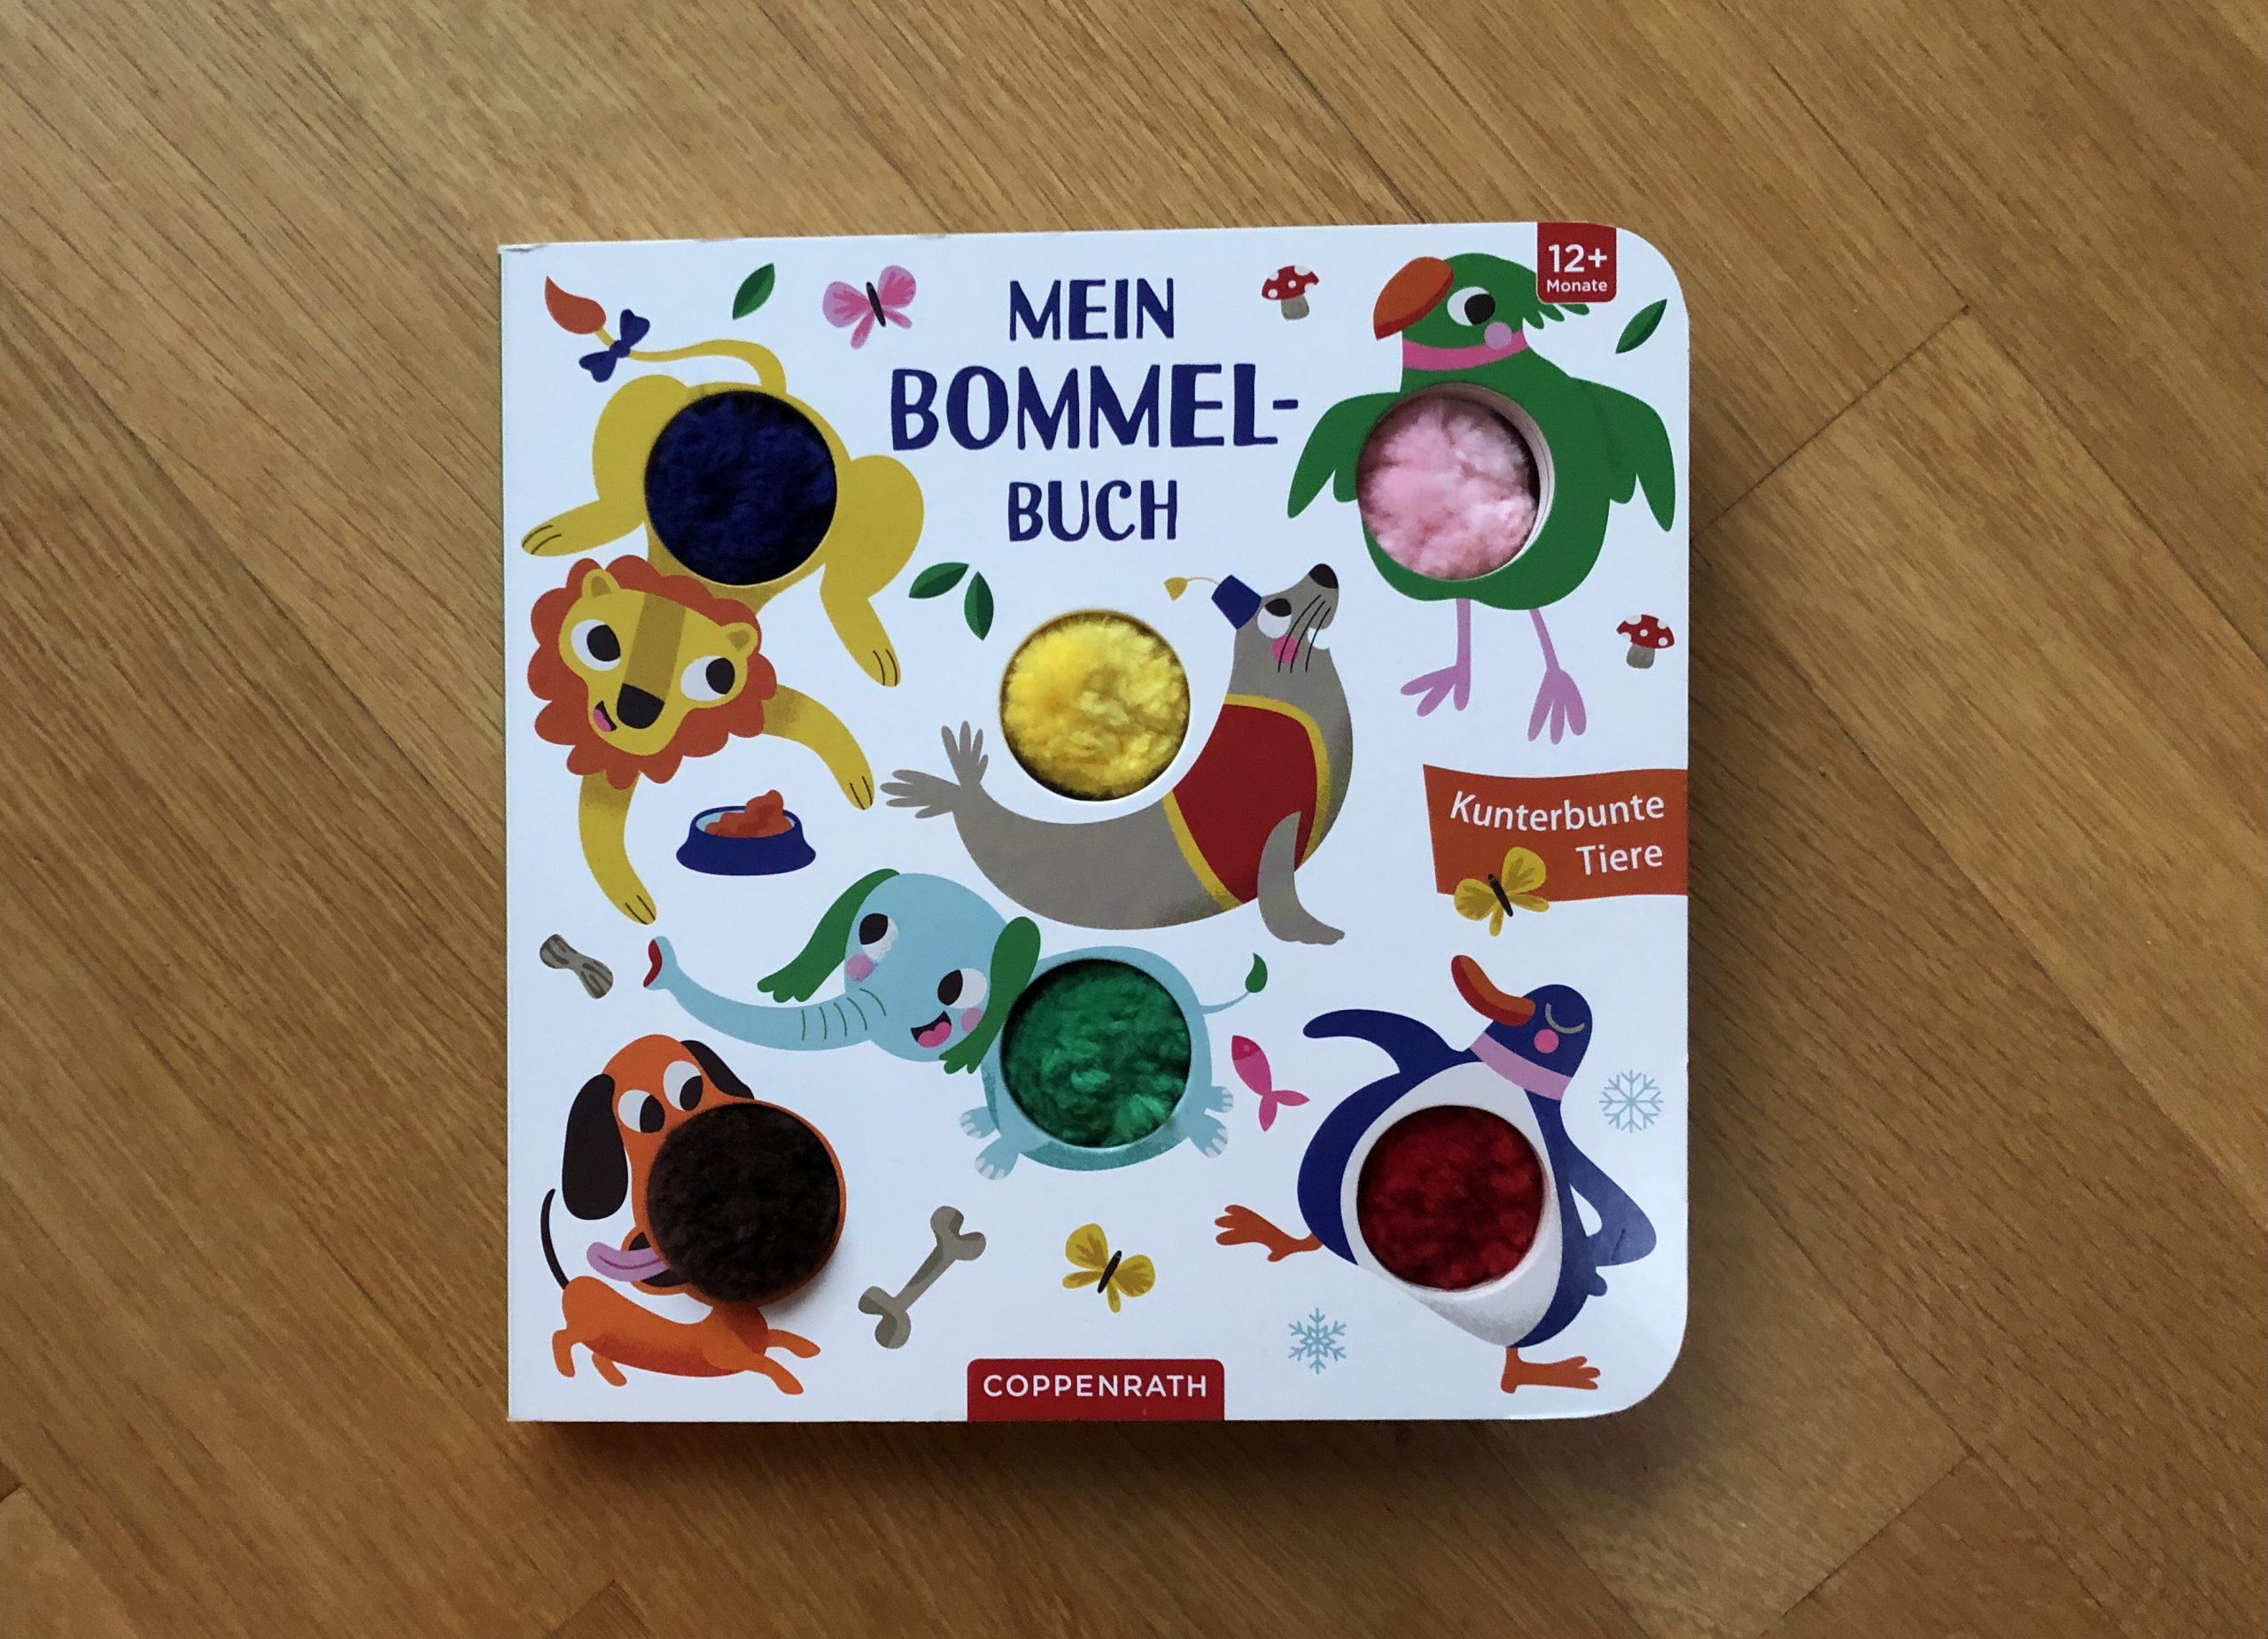 Mein Bommel-Buch: Kunterbunte Tiere